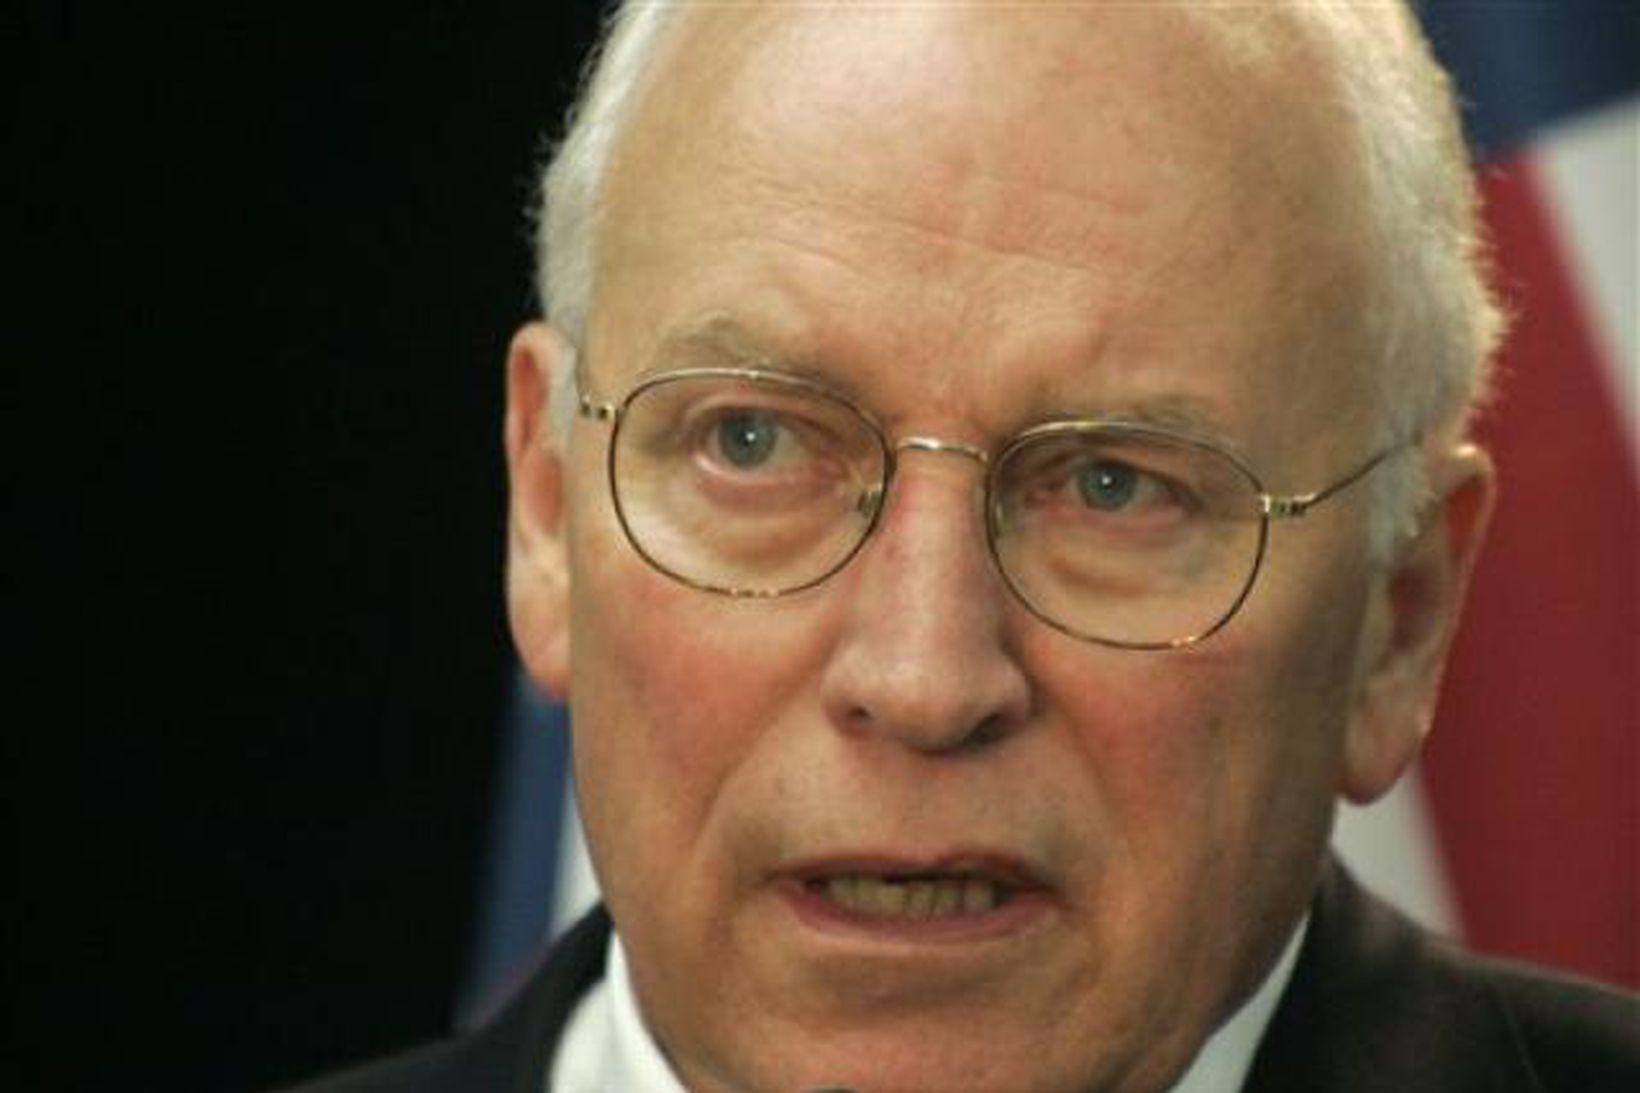 Dick Cheney, fyrrum varaforseti Bandaríkjanna, er lítt hrifinn af aðgerðum …